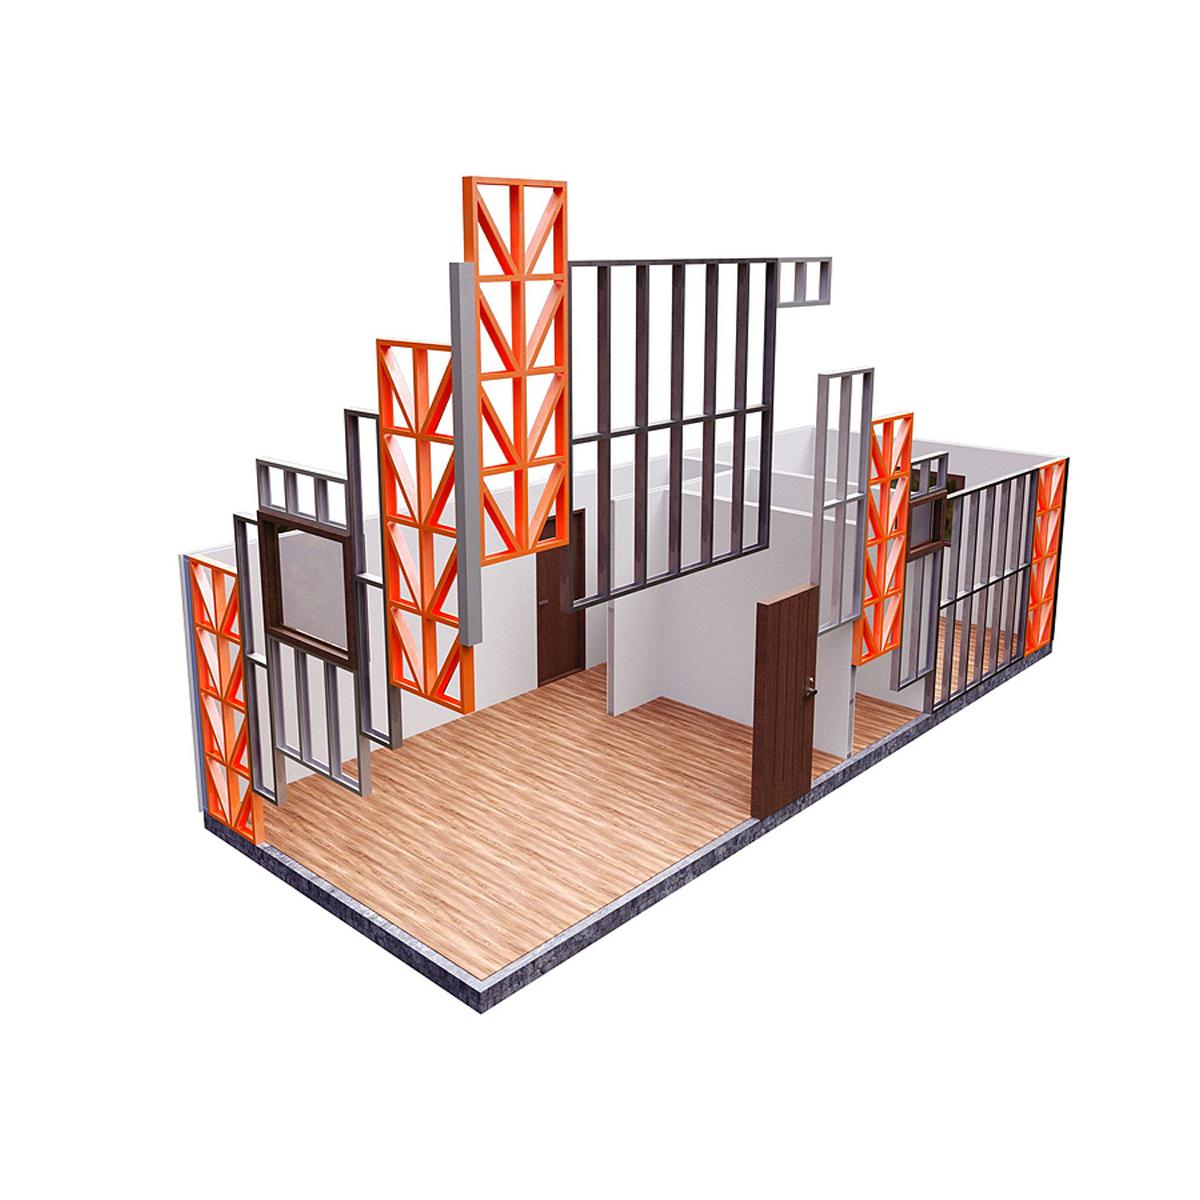 Sistema constructivo METALCON MODULAR